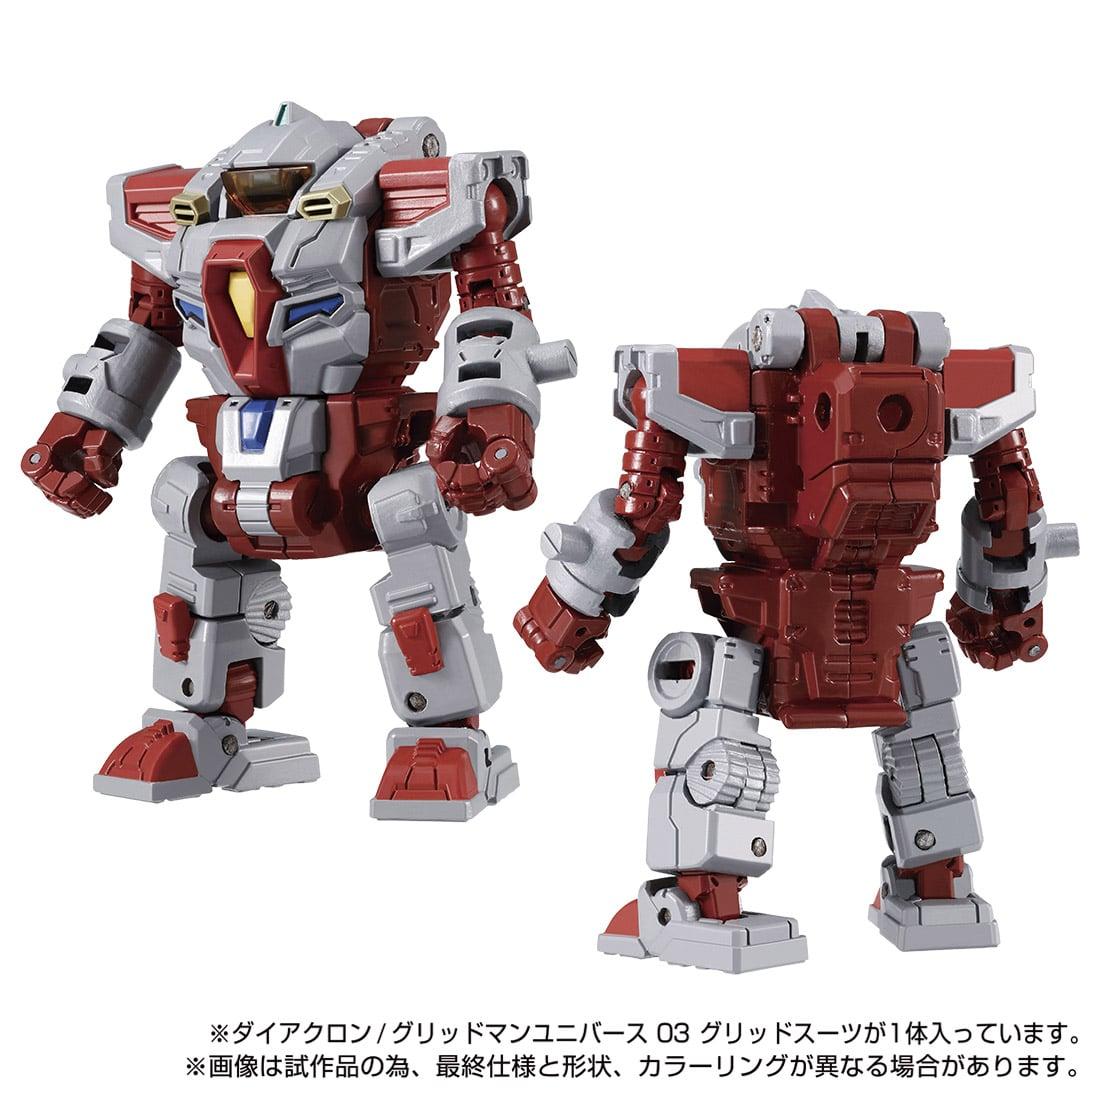 ダイアクロン / グリッドマンユニバース 02『ダイアクロンVS.グリッドマン Ver』可動フィギュア-010